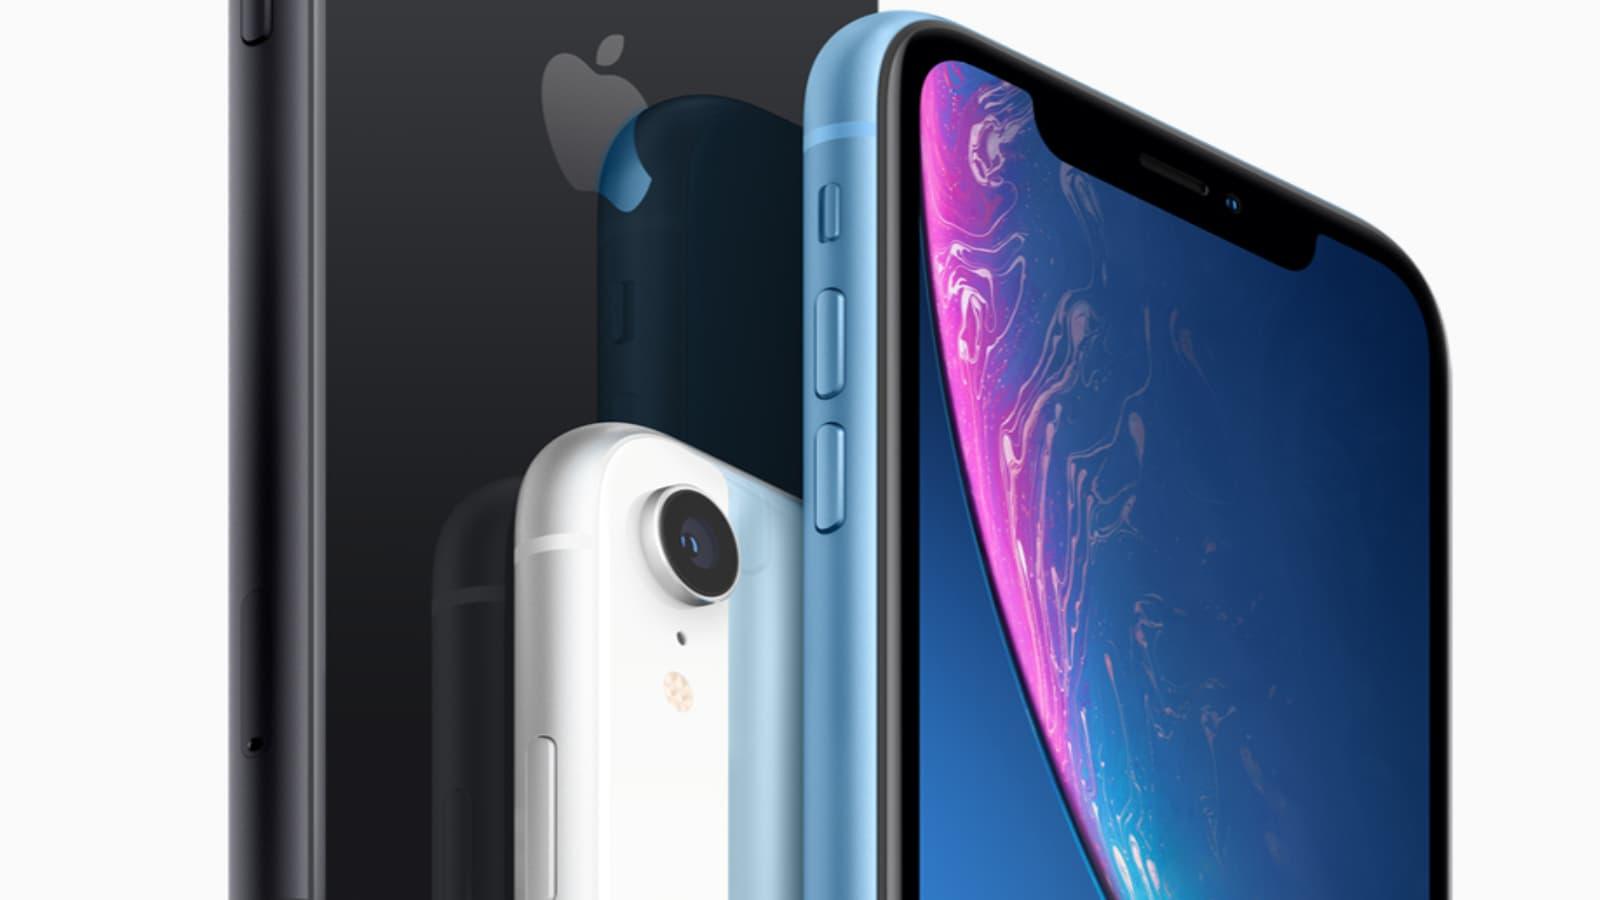 Croquez dans la pomme, craquez pour l'iPhone XR